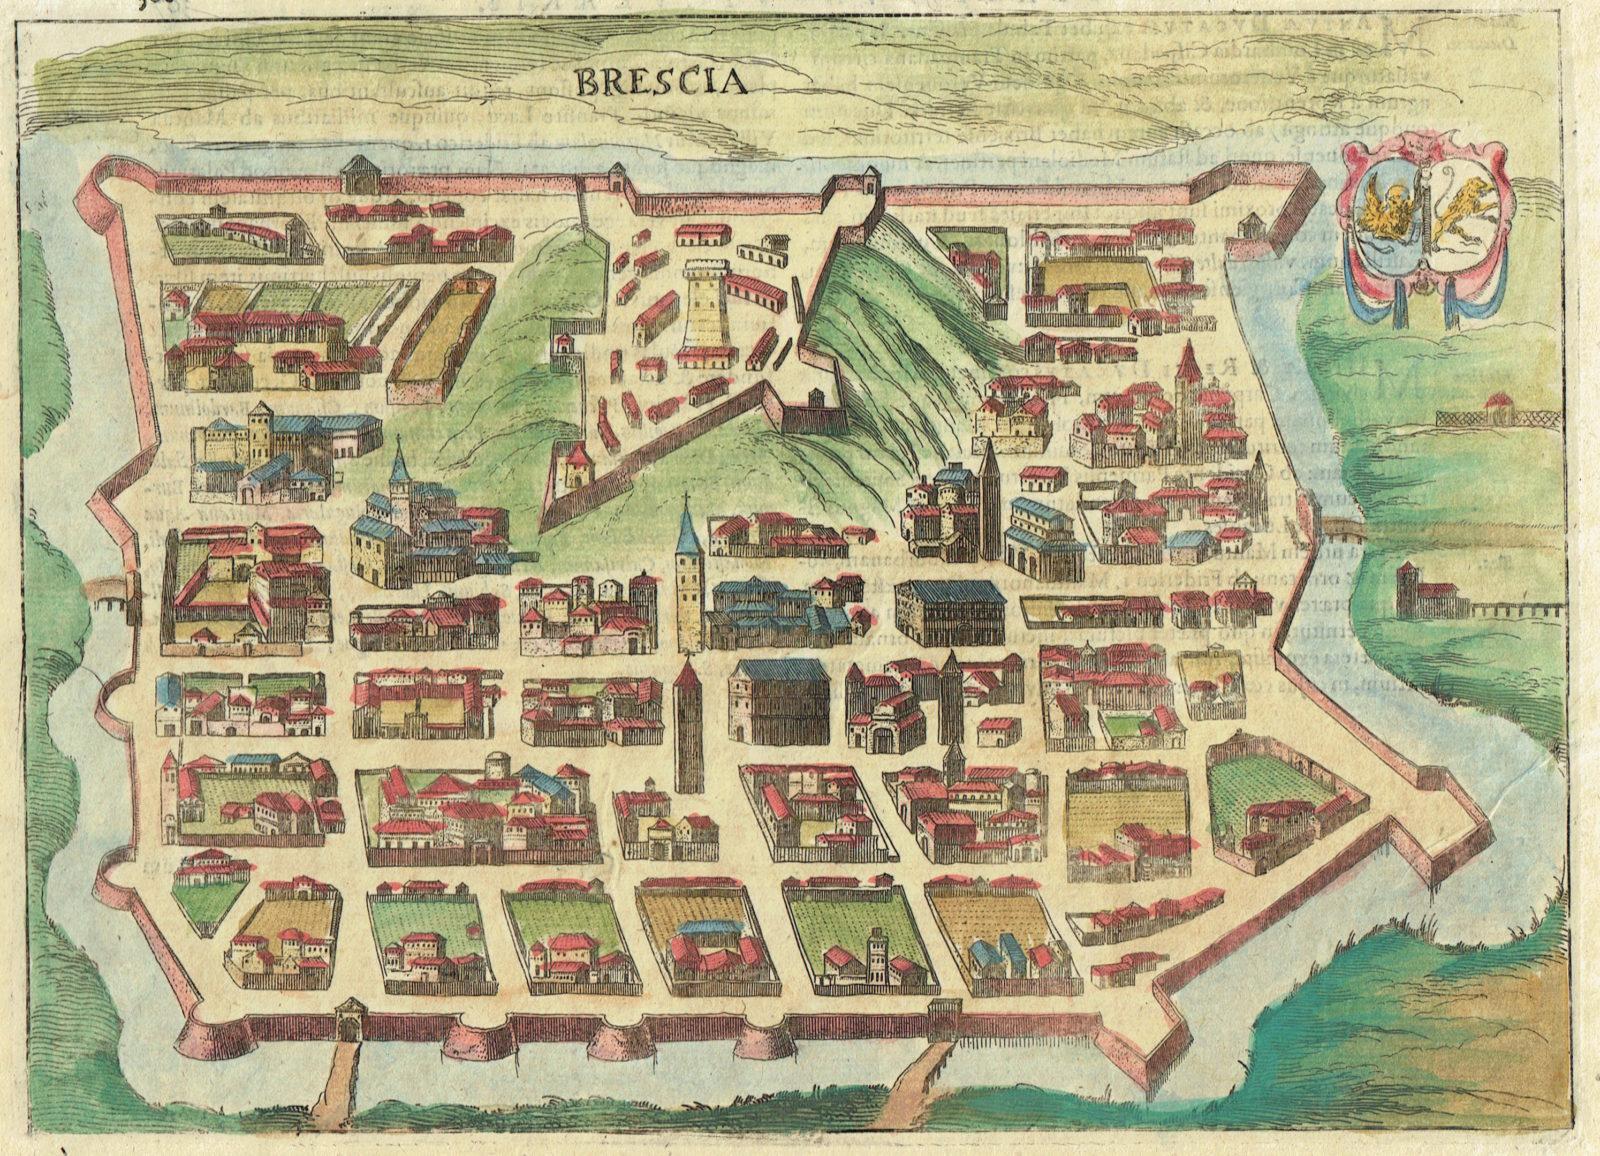 Brescia - Idea Rare Maps